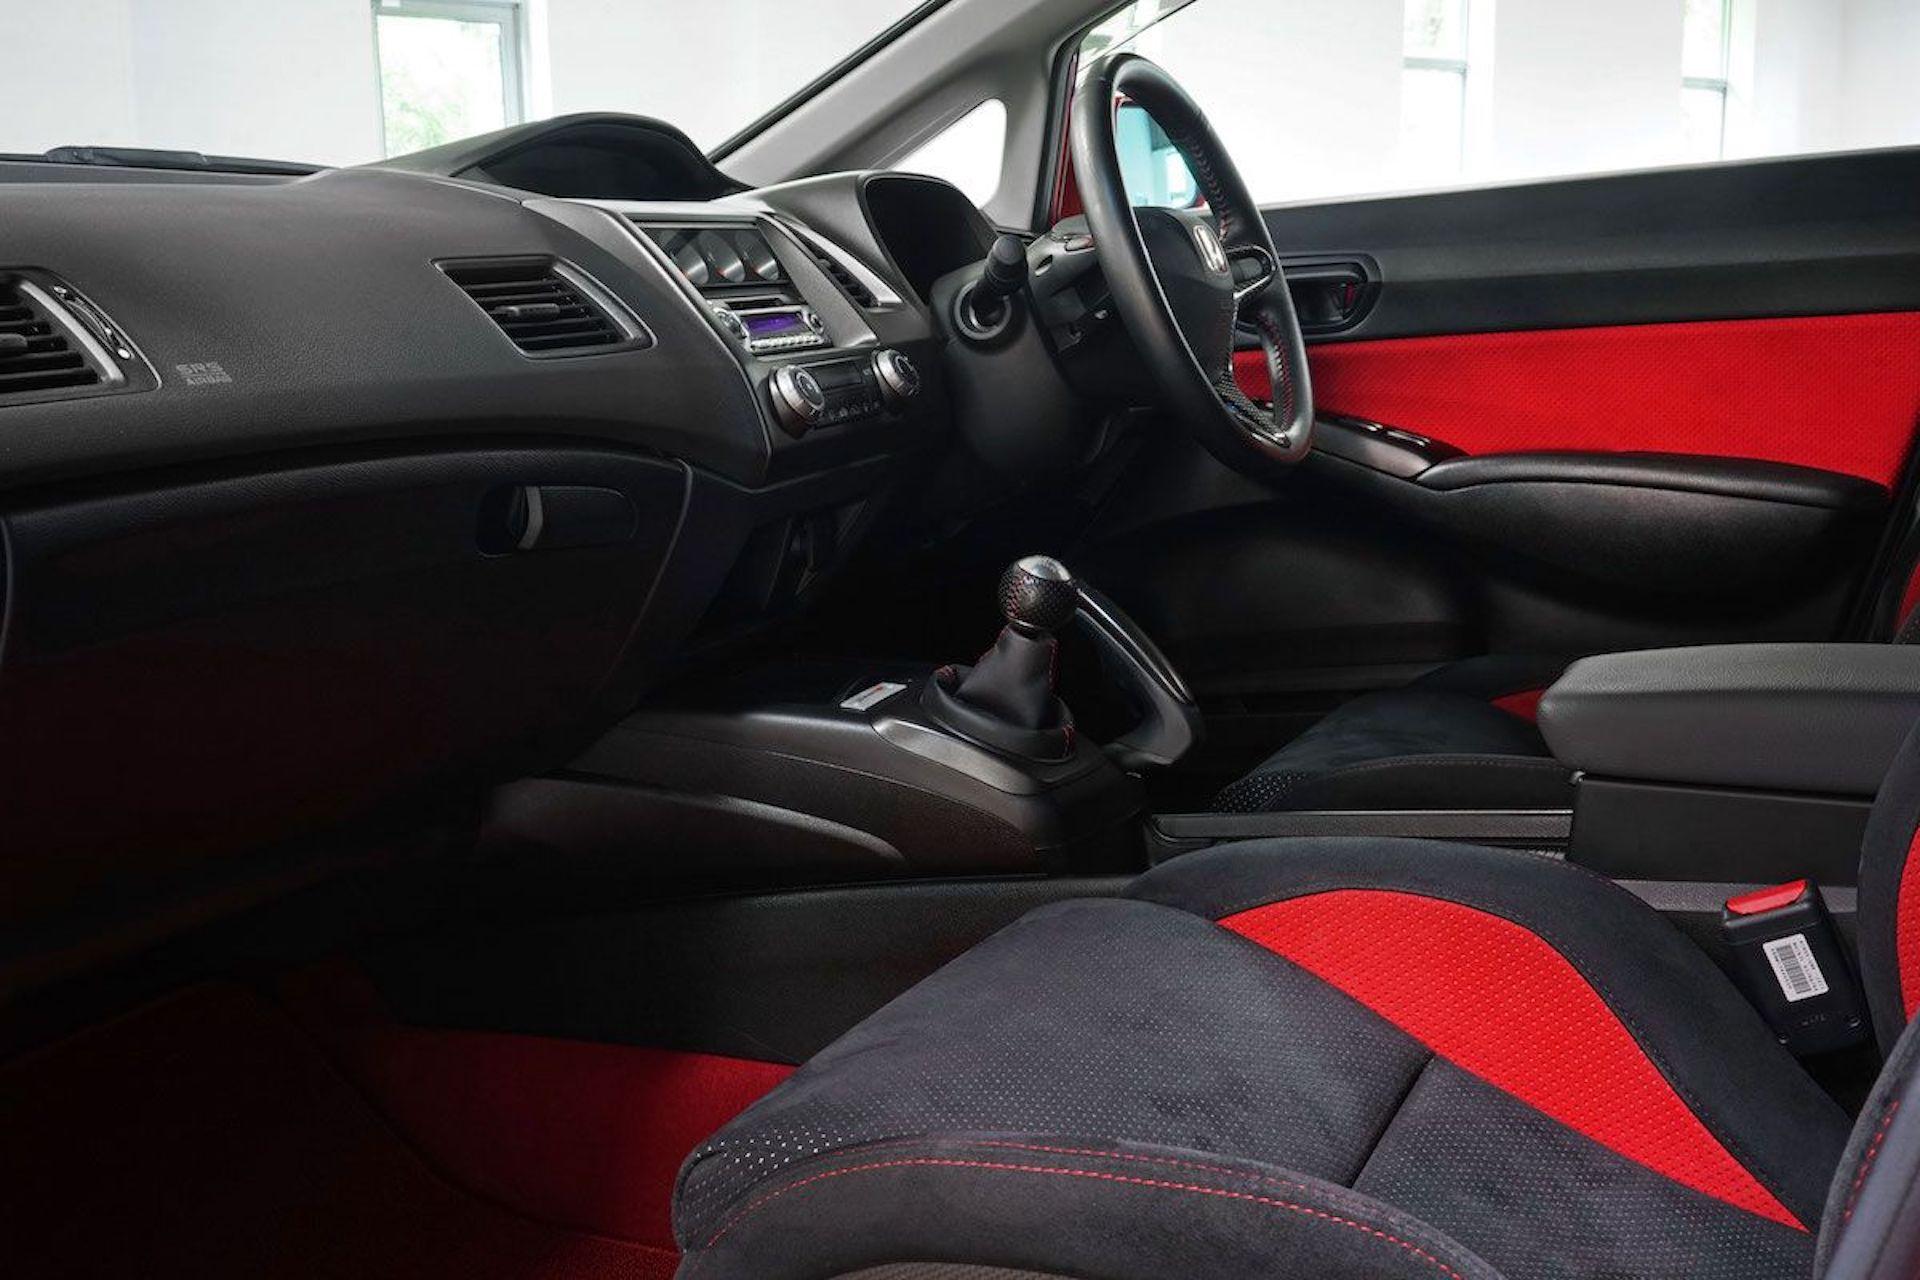 Honda-Civic-Mugen-RR-7